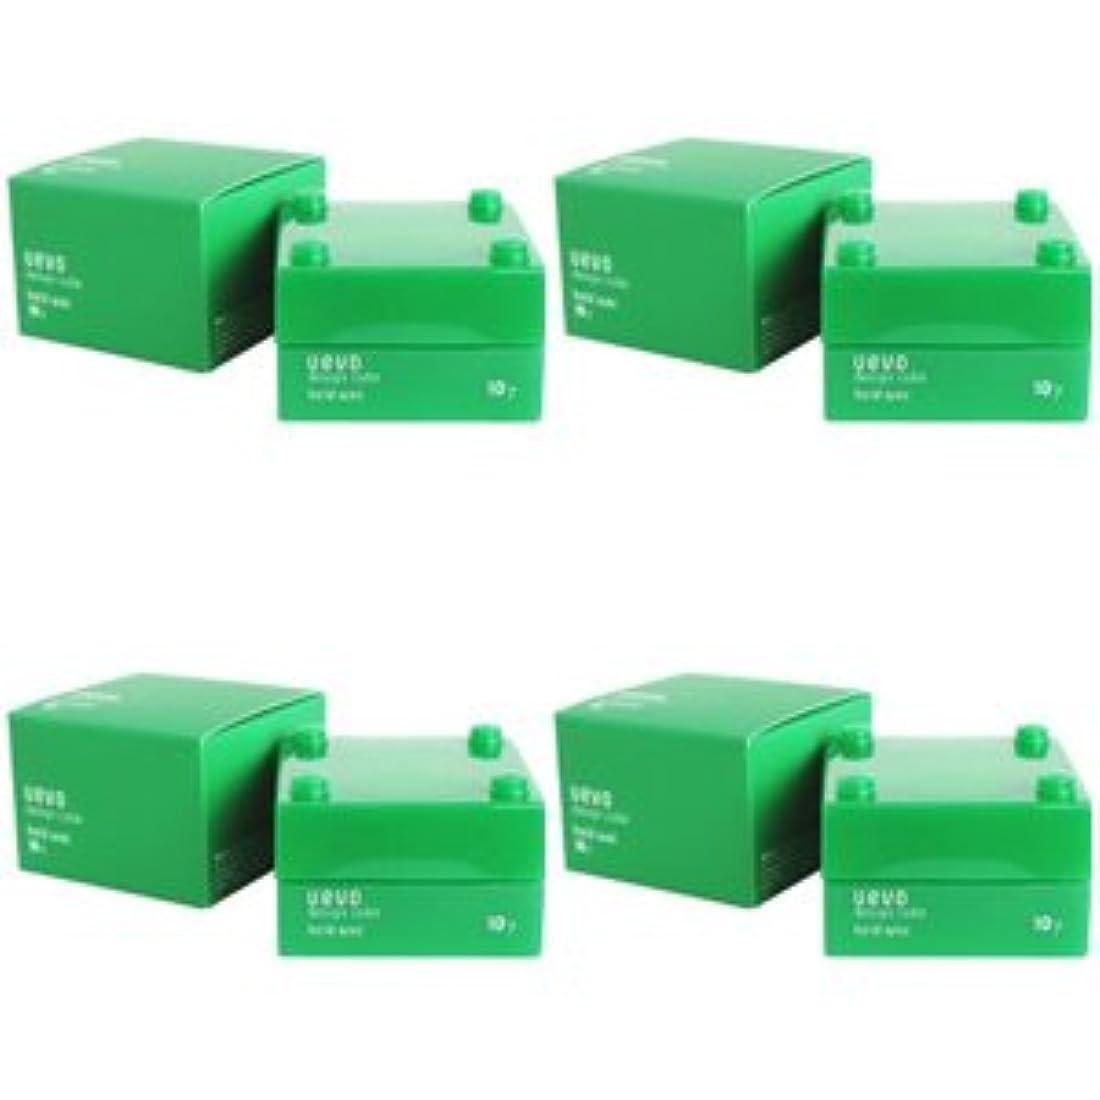 貸す道路を作るプロセスドラゴン【X4個セット】 デミ ウェーボ デザインキューブ ホールドワックス 30g hold wax DEMI uevo design cube